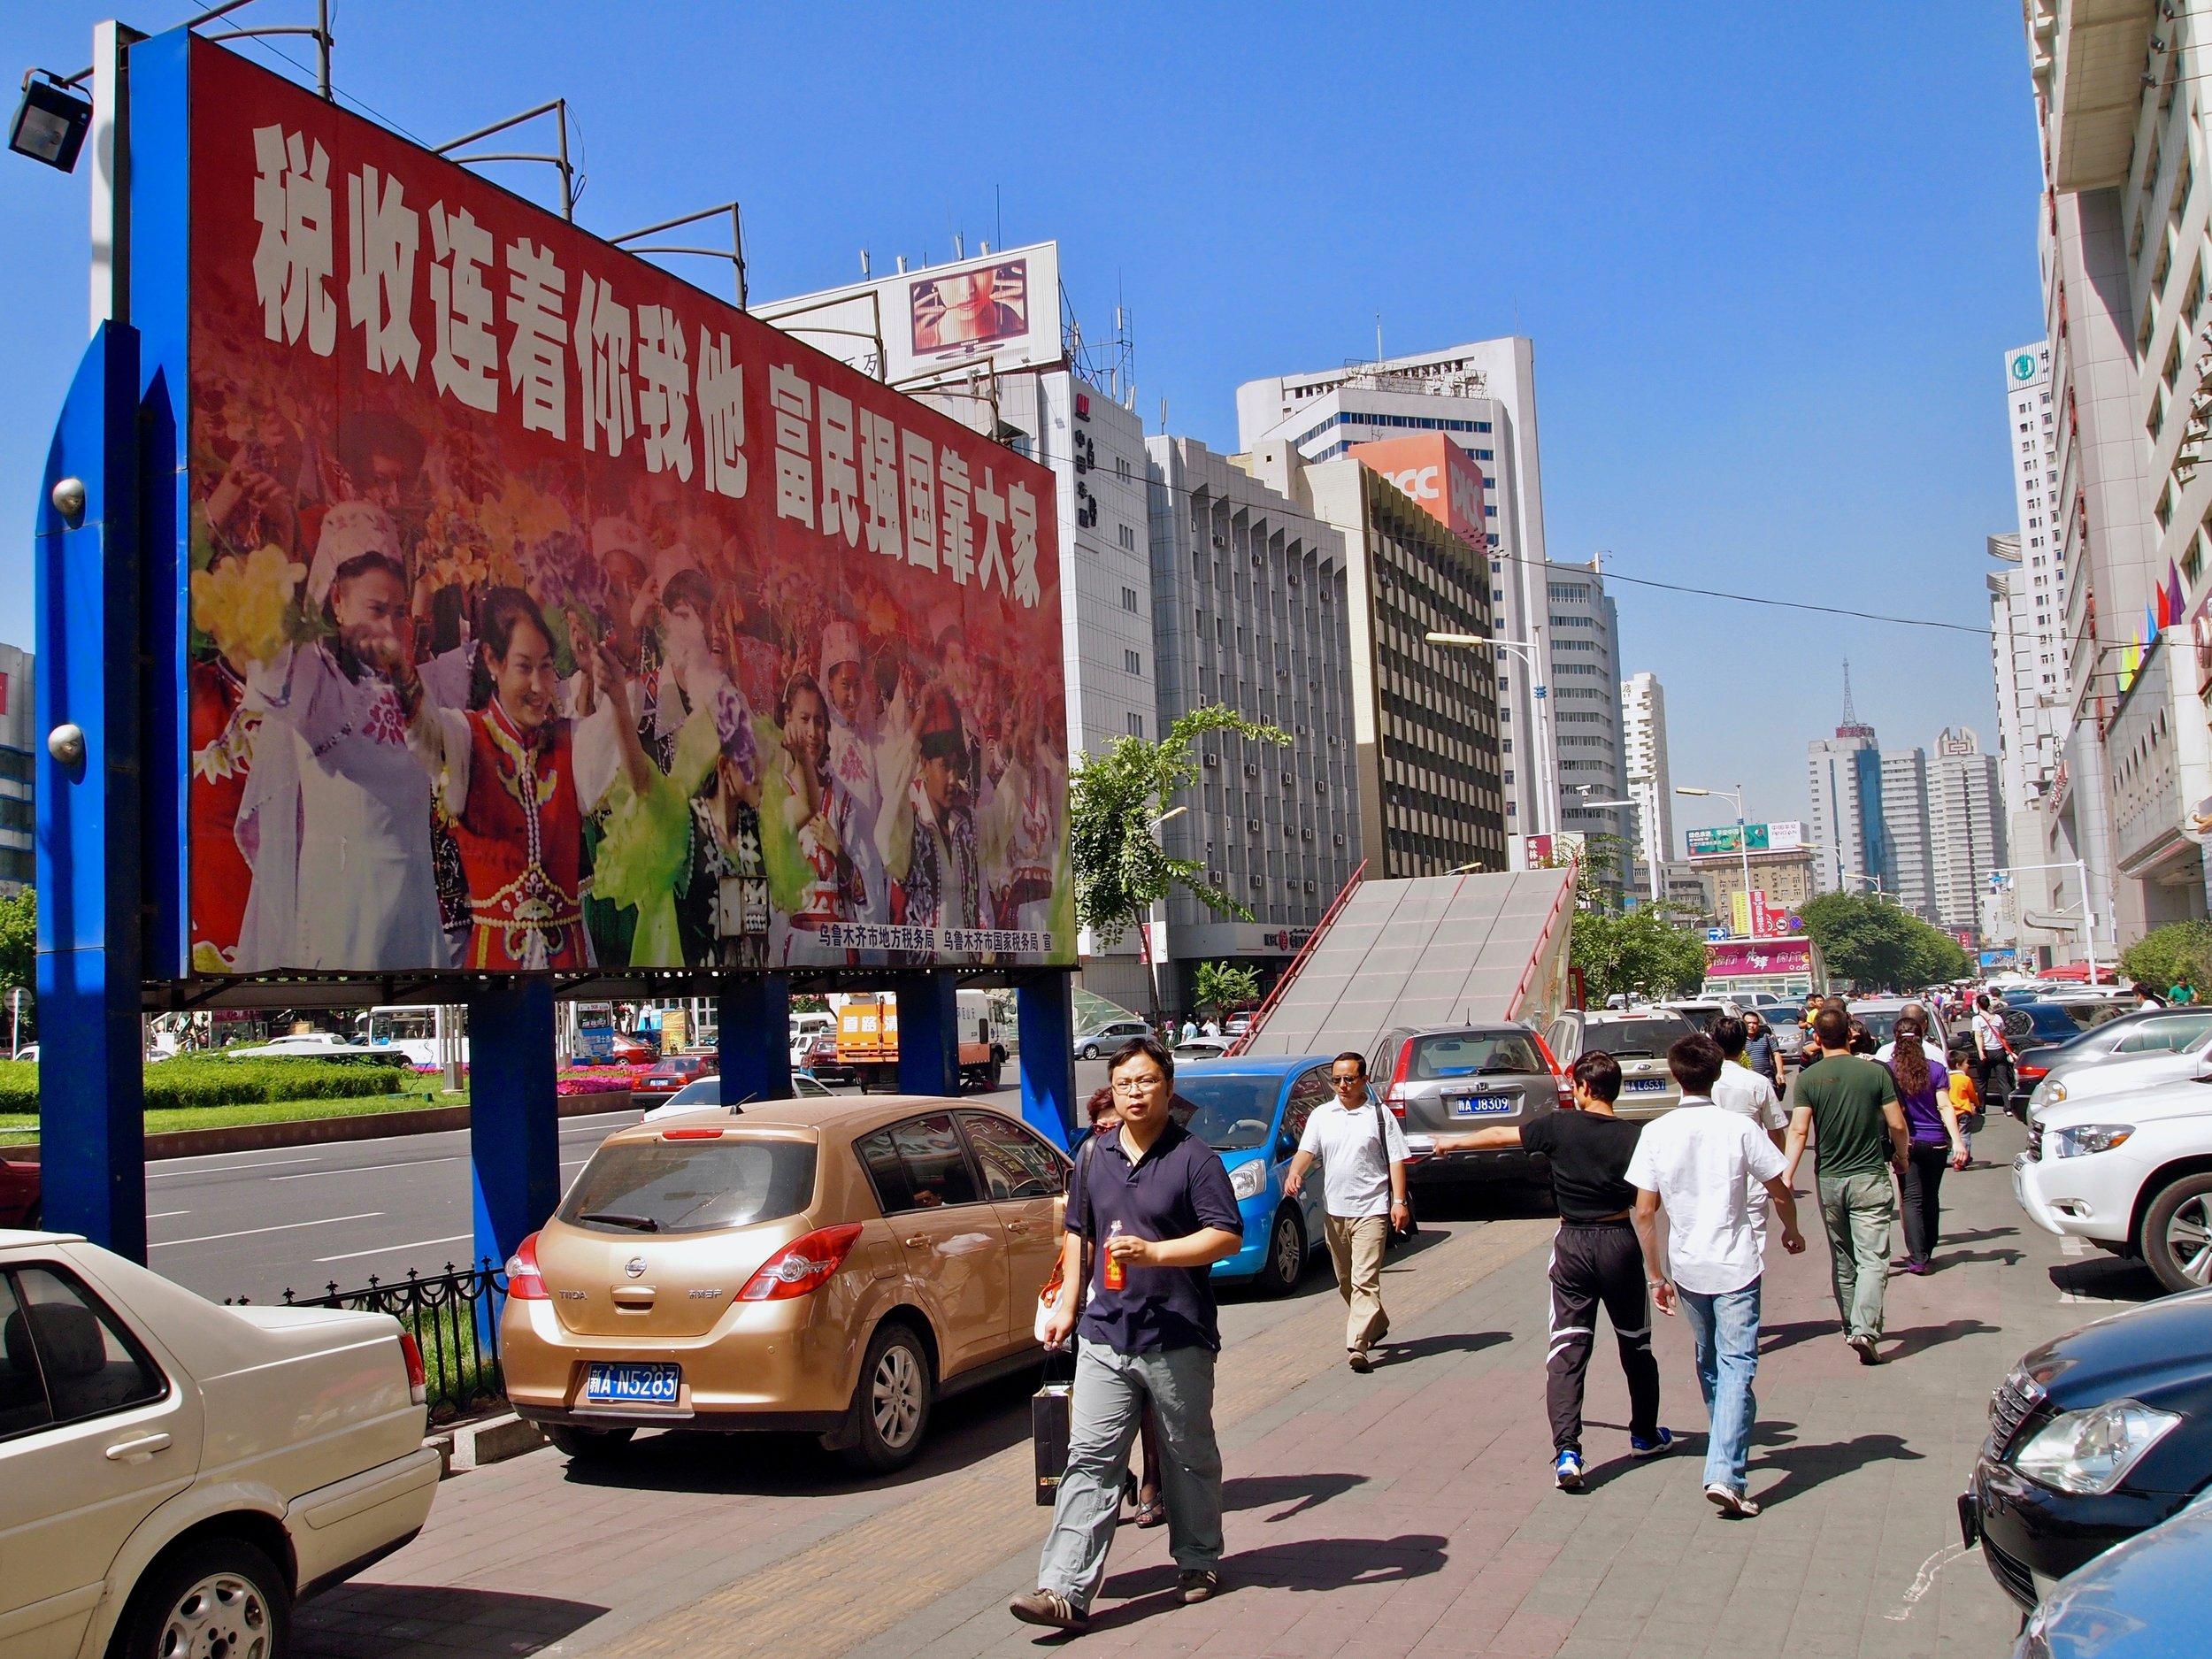 A billboard featuring Uyghur women of Xinjiang, in a Han Chinese area of Urumqi, Xinjiang, China. (C) Remko Tanis